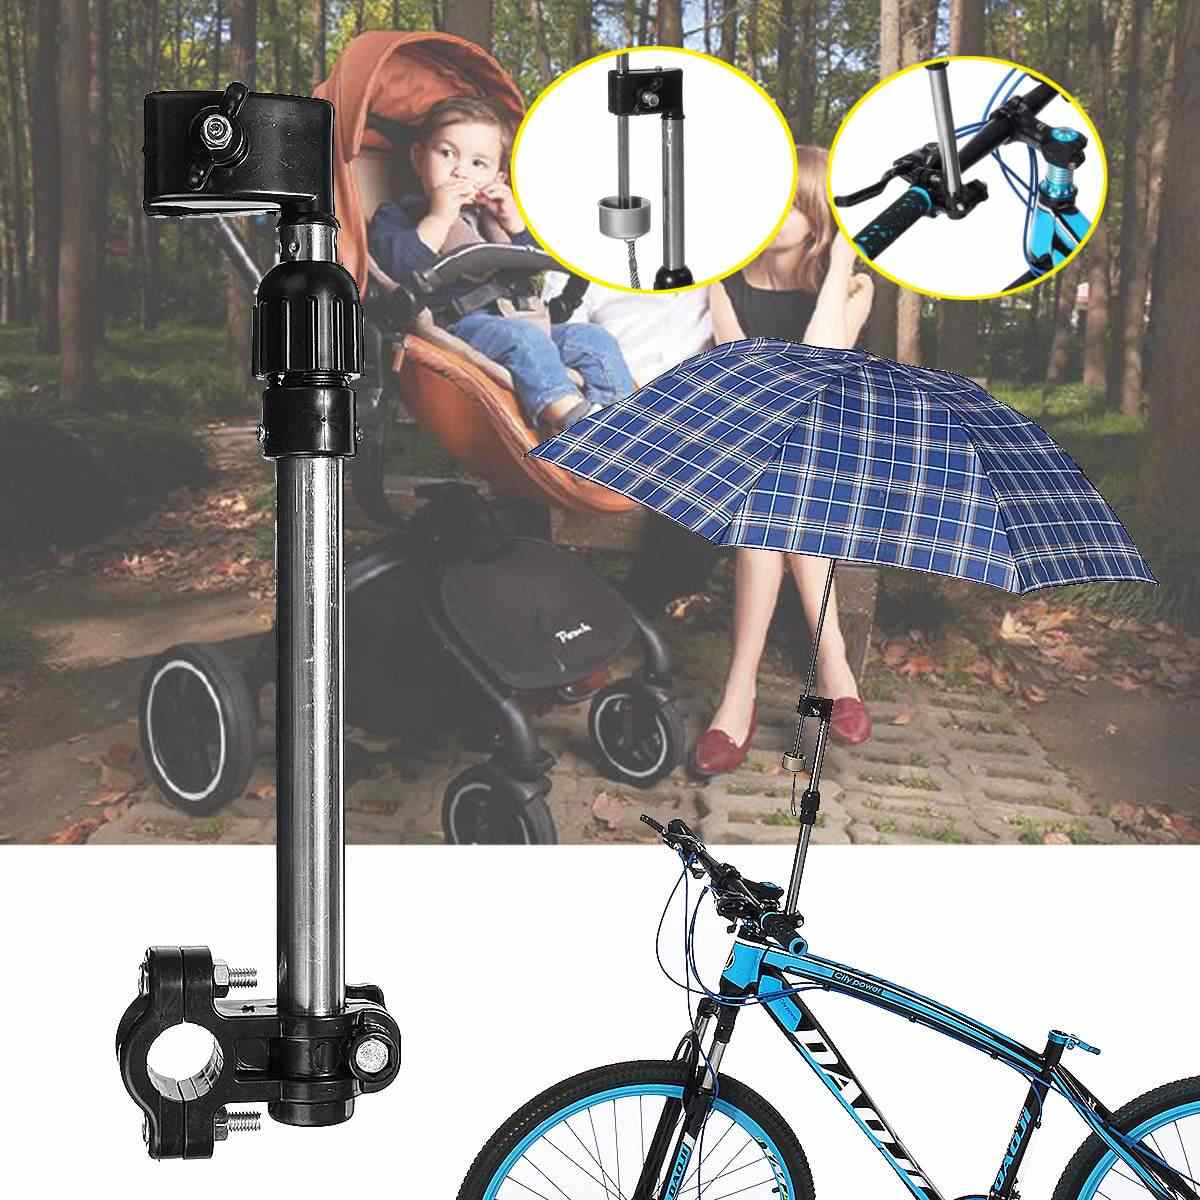 عربة اطفال المظلة الجرف قابل للتعديل المظلات قوس جبل حامل الملحقات عربة الطفل عربة حامل المظلة الدراجات الدراجة